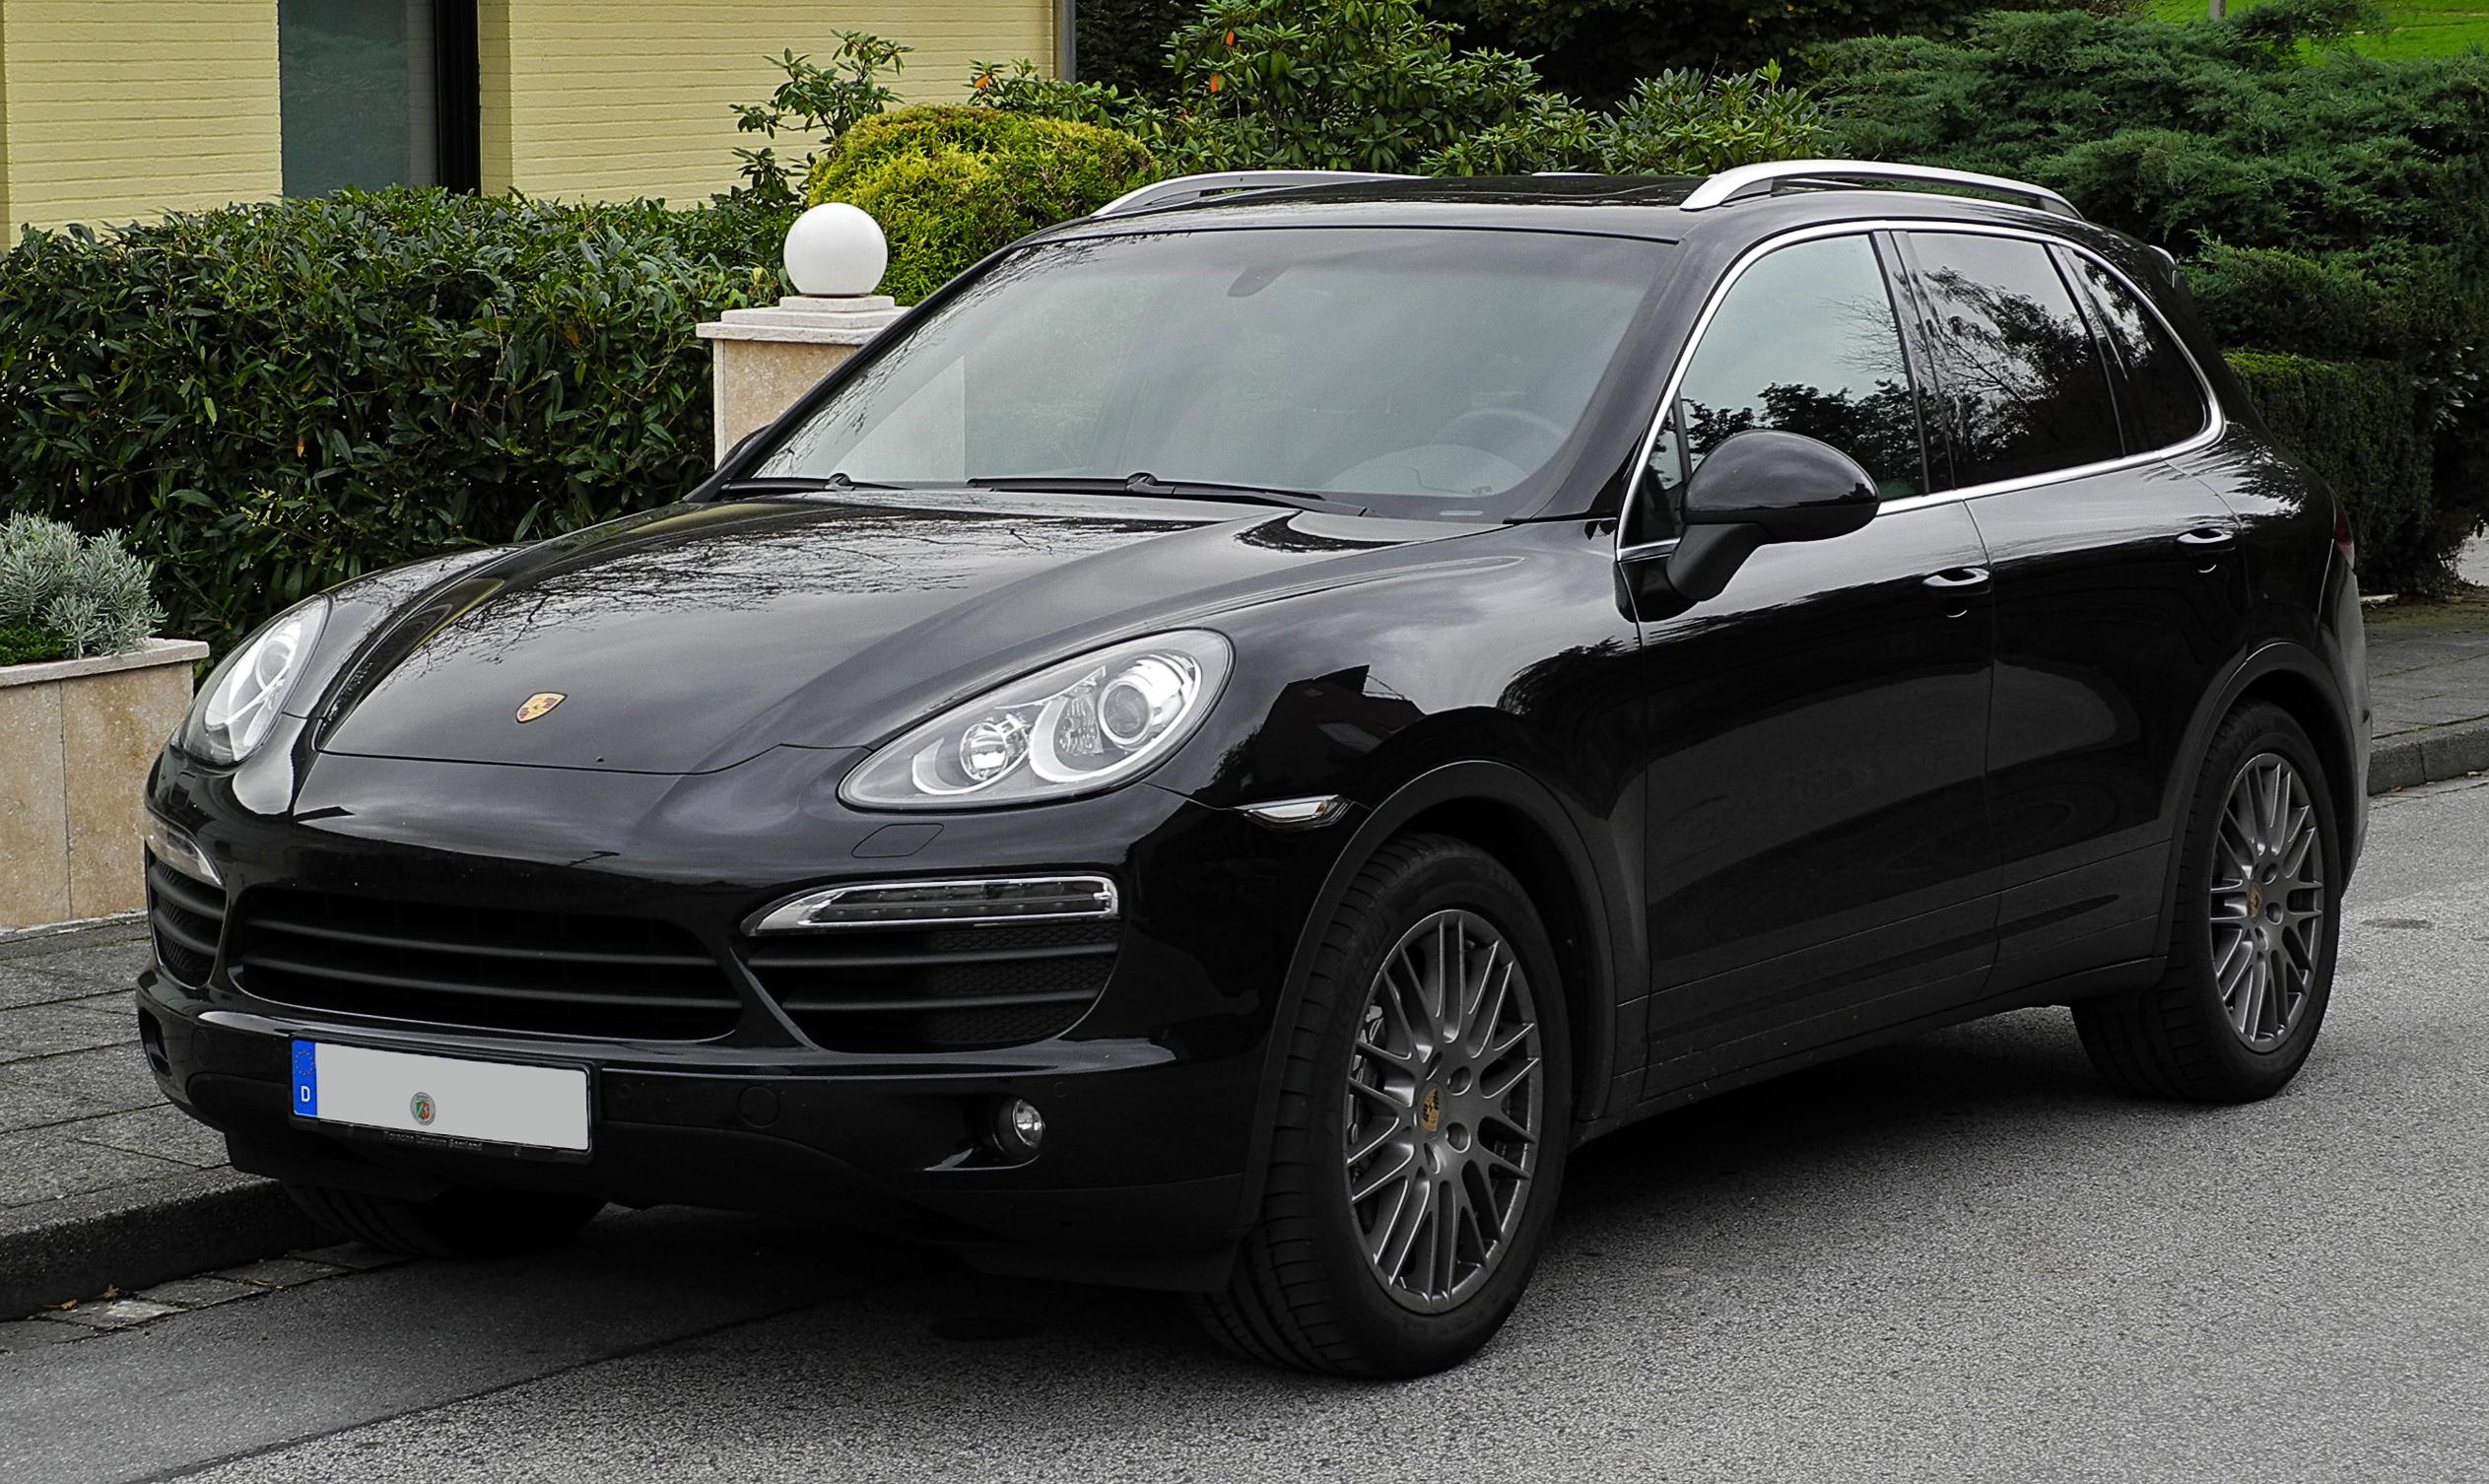 A Porsche Cayenne is túlzott károsanyag-kibocsátás gyanújába keveredett